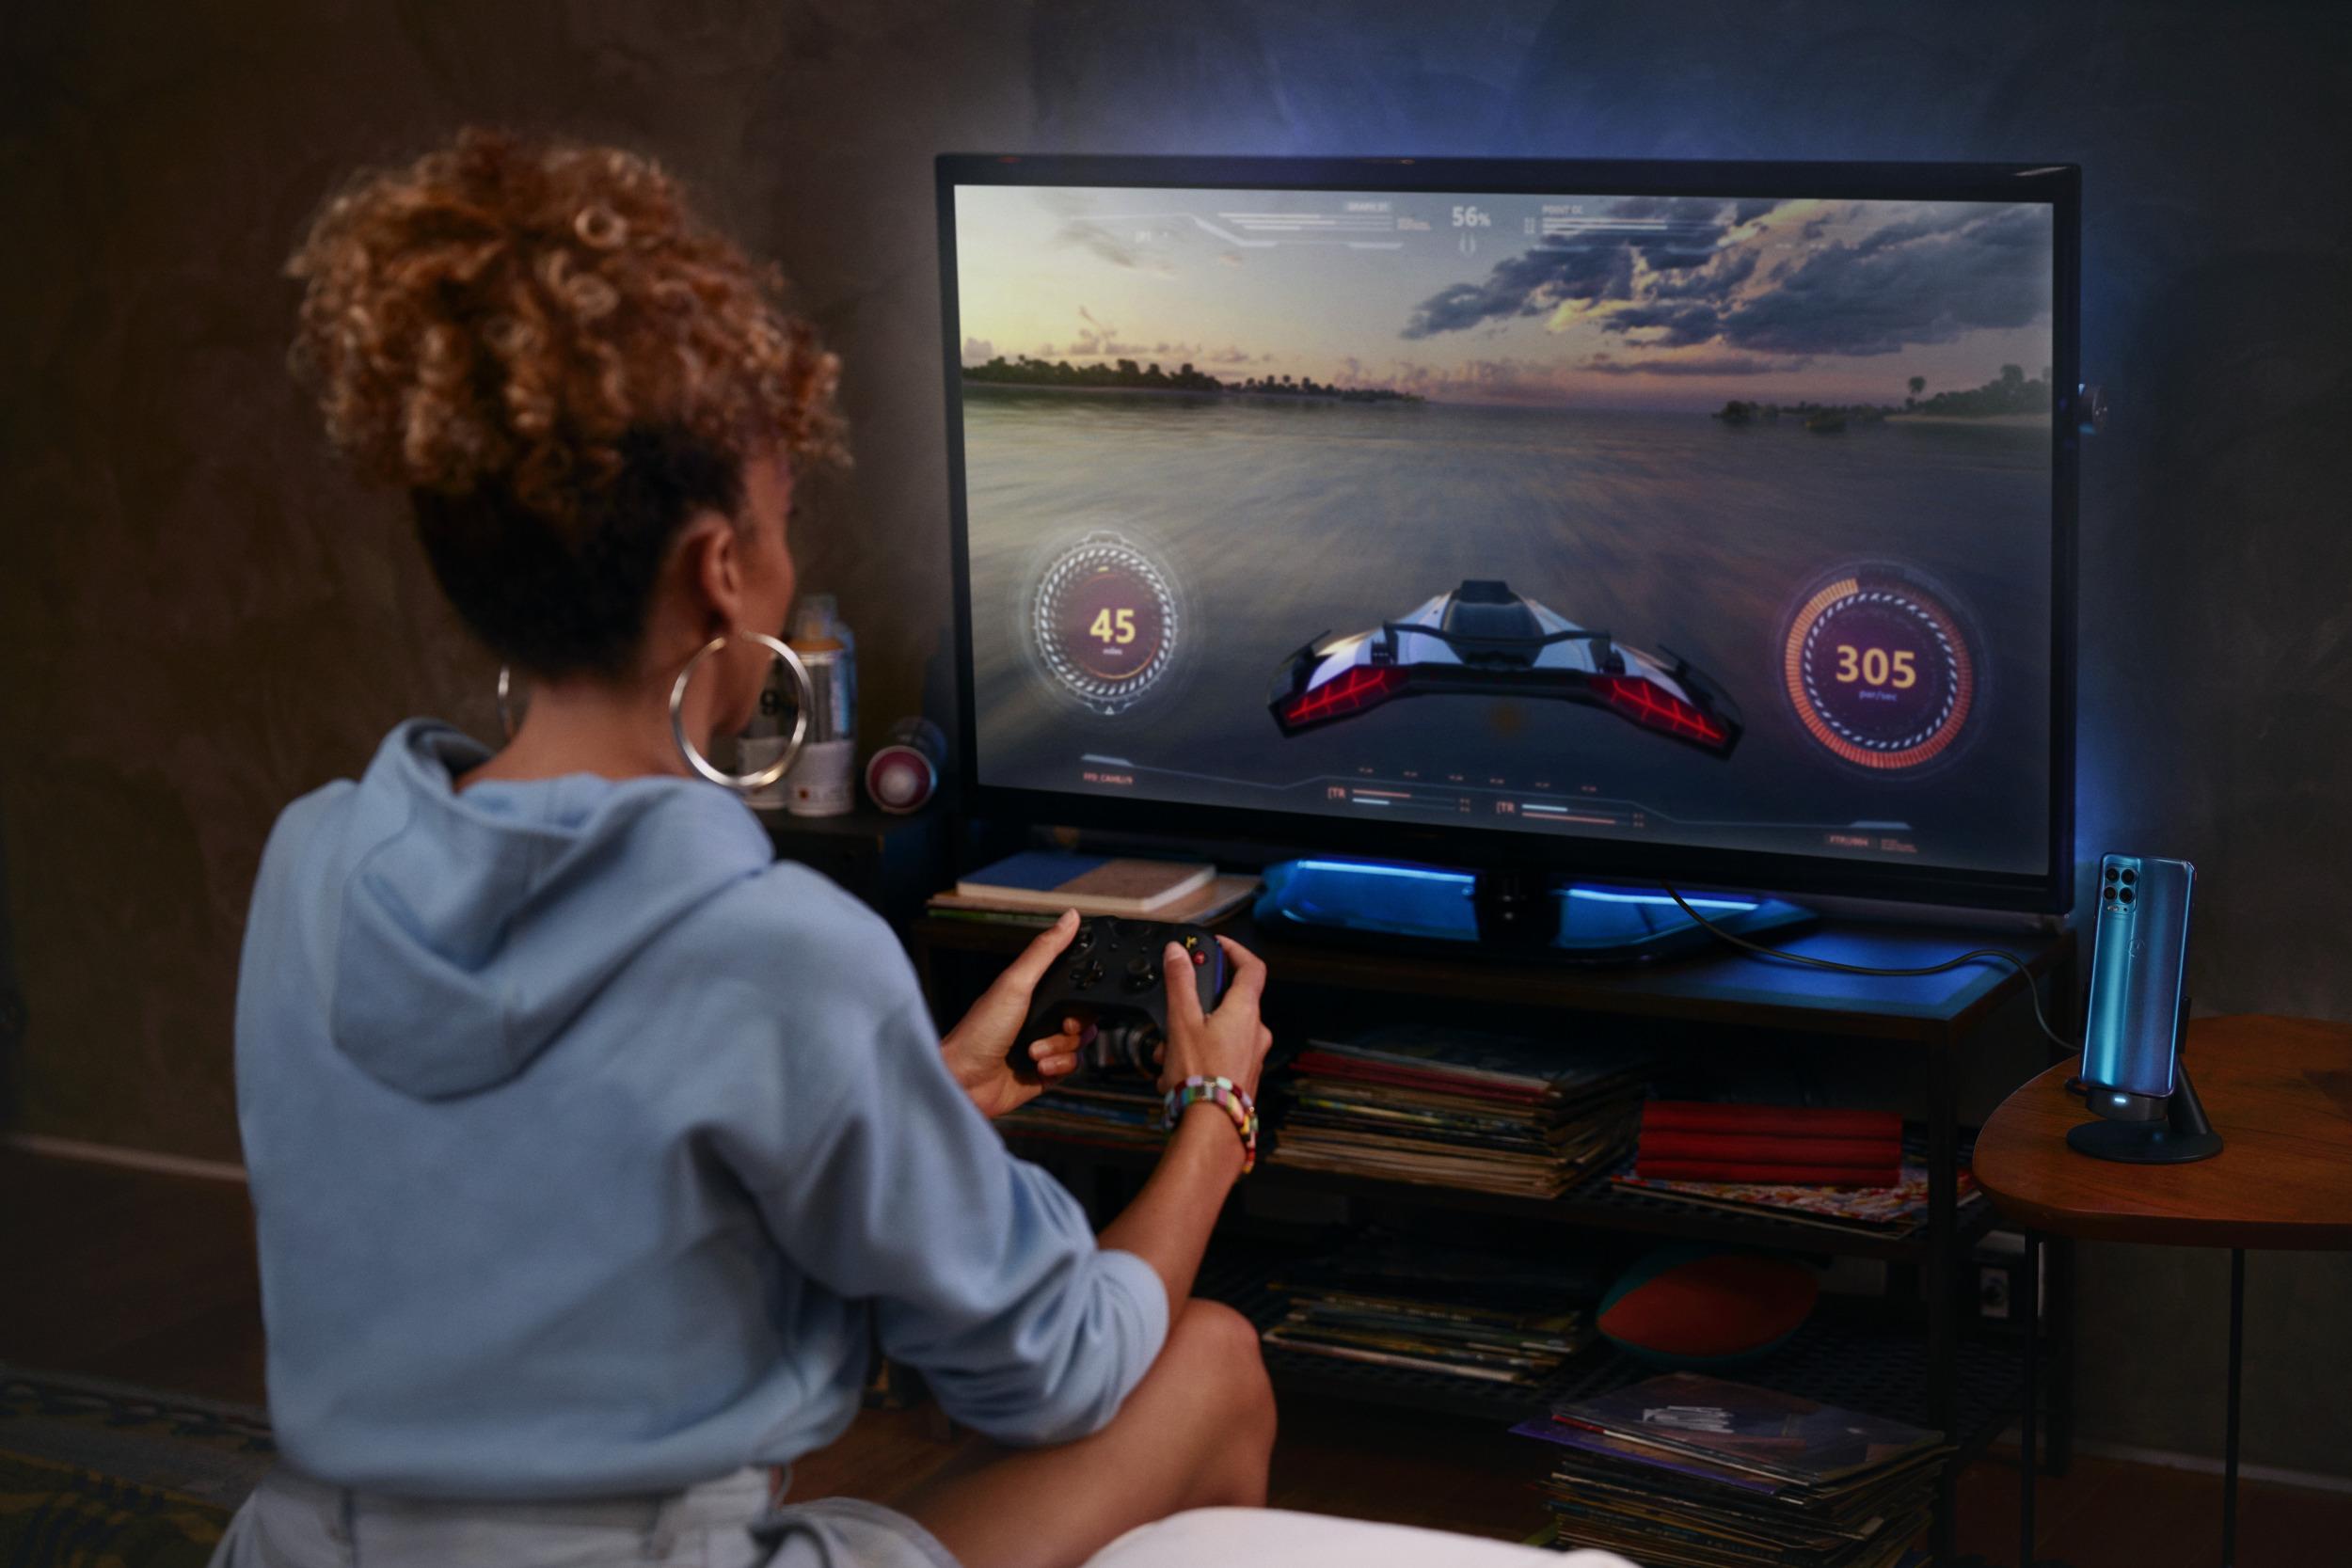 Motorola moto g100: zážitkový telefon pro hráče a filmové fanoušky [sponzorovaný článek]